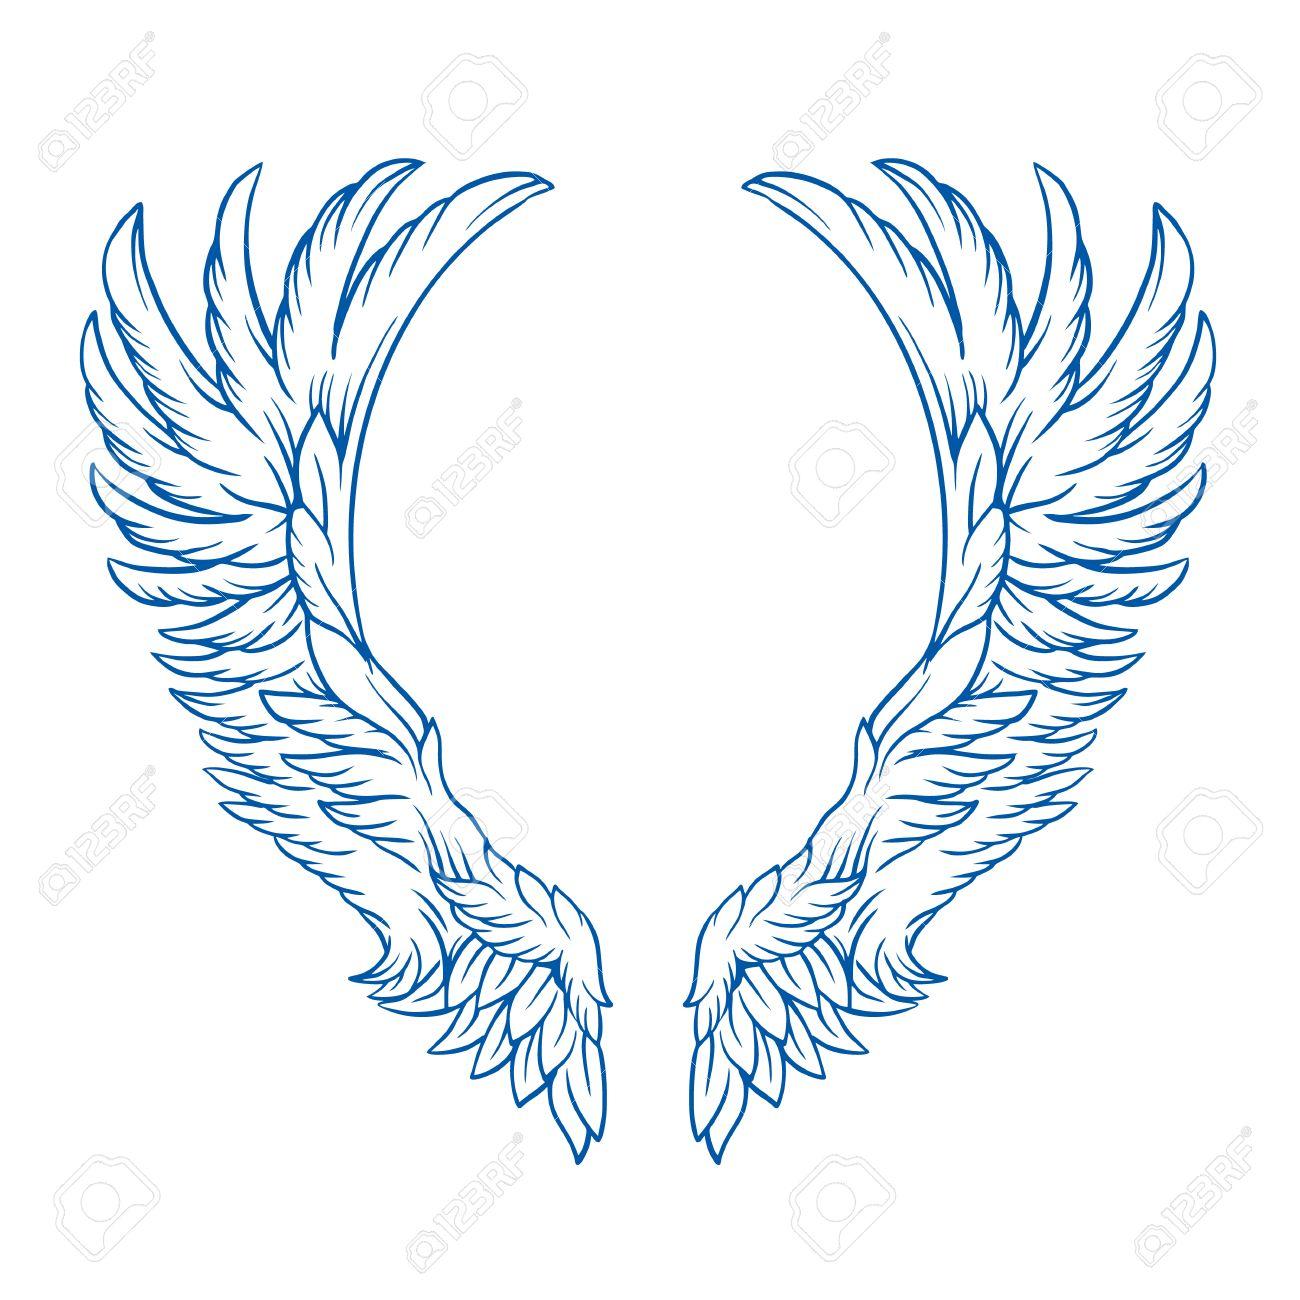 翼のタトゥー ベクター漫画イラストのイラスト素材ベクタ Image